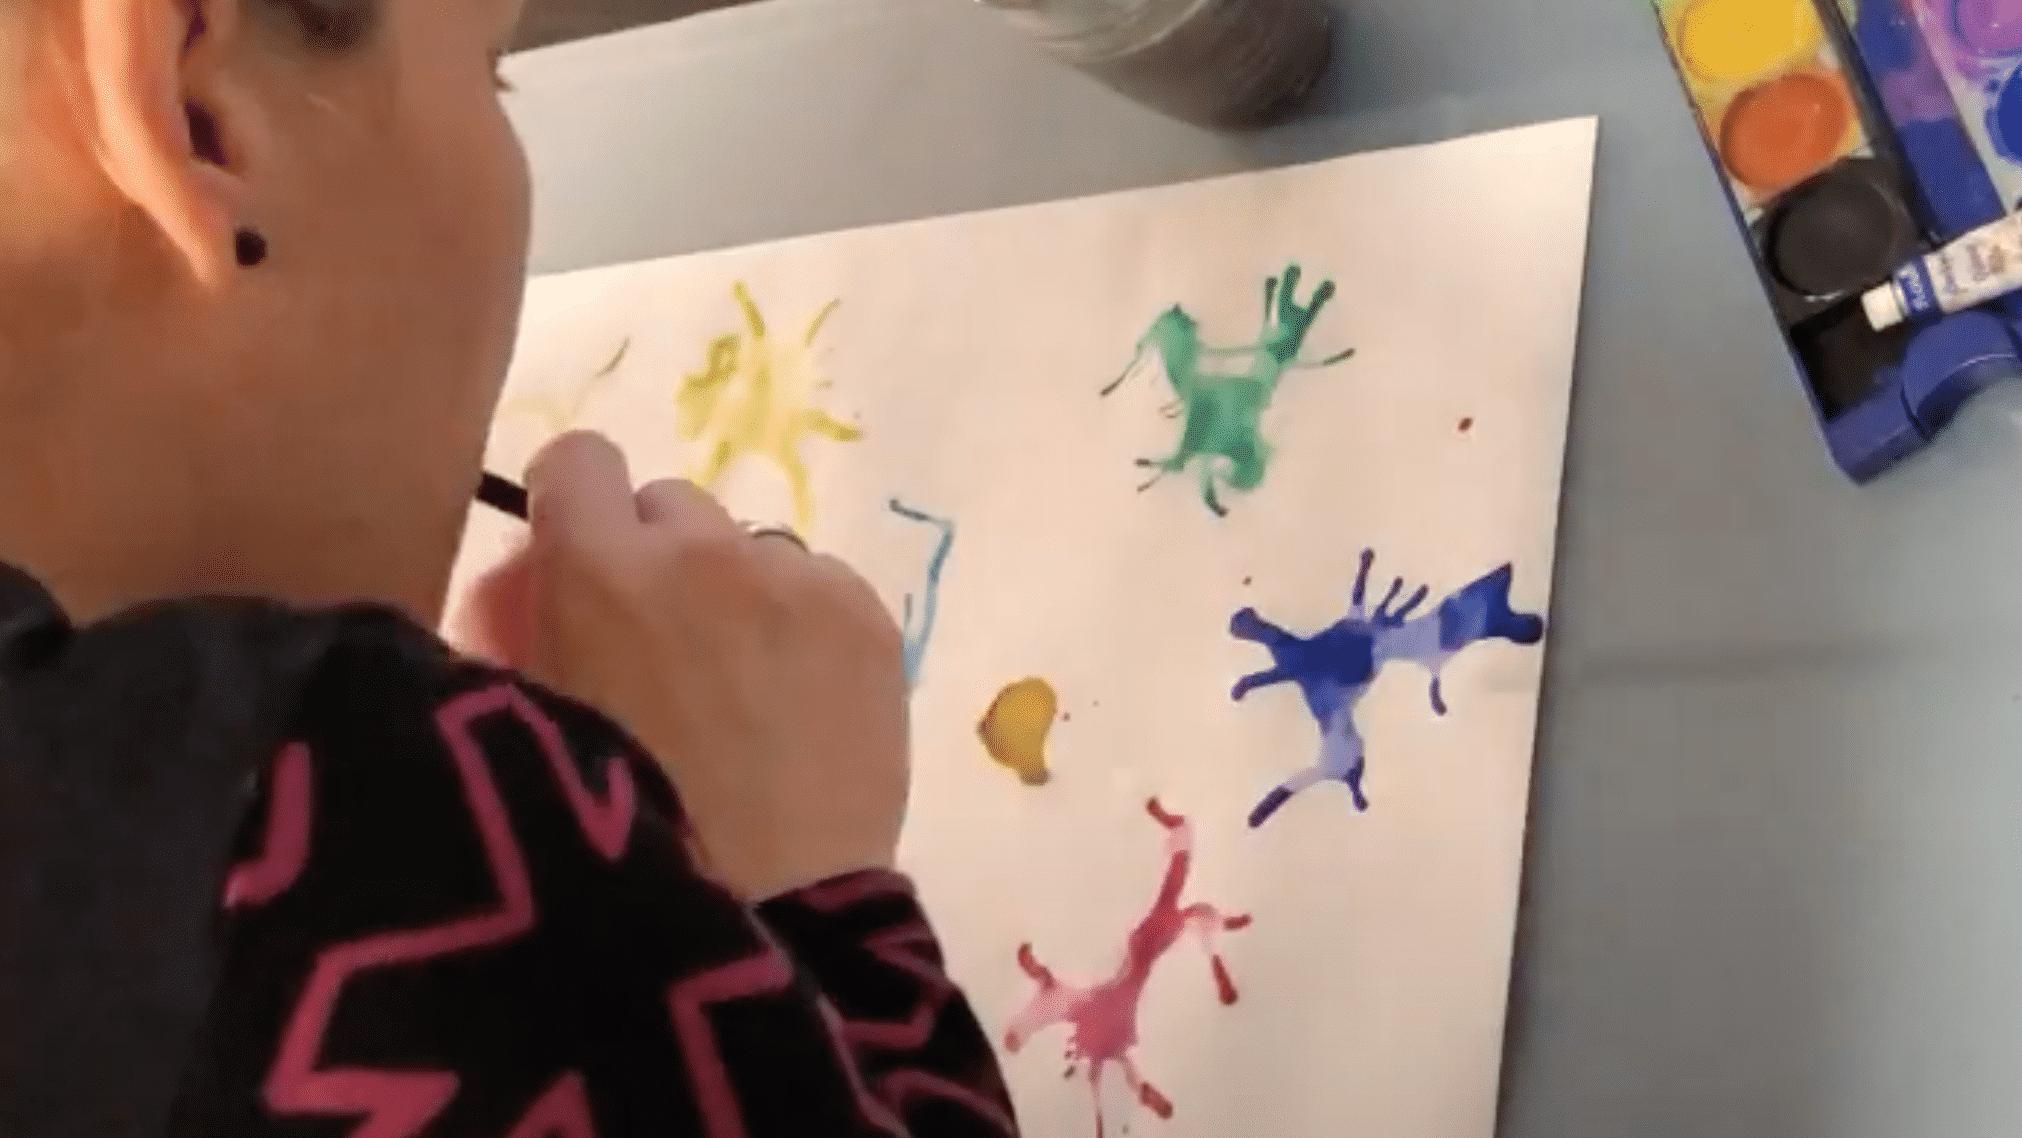 Mach ganz viele bunte Farbkleckse auf dein Blatt